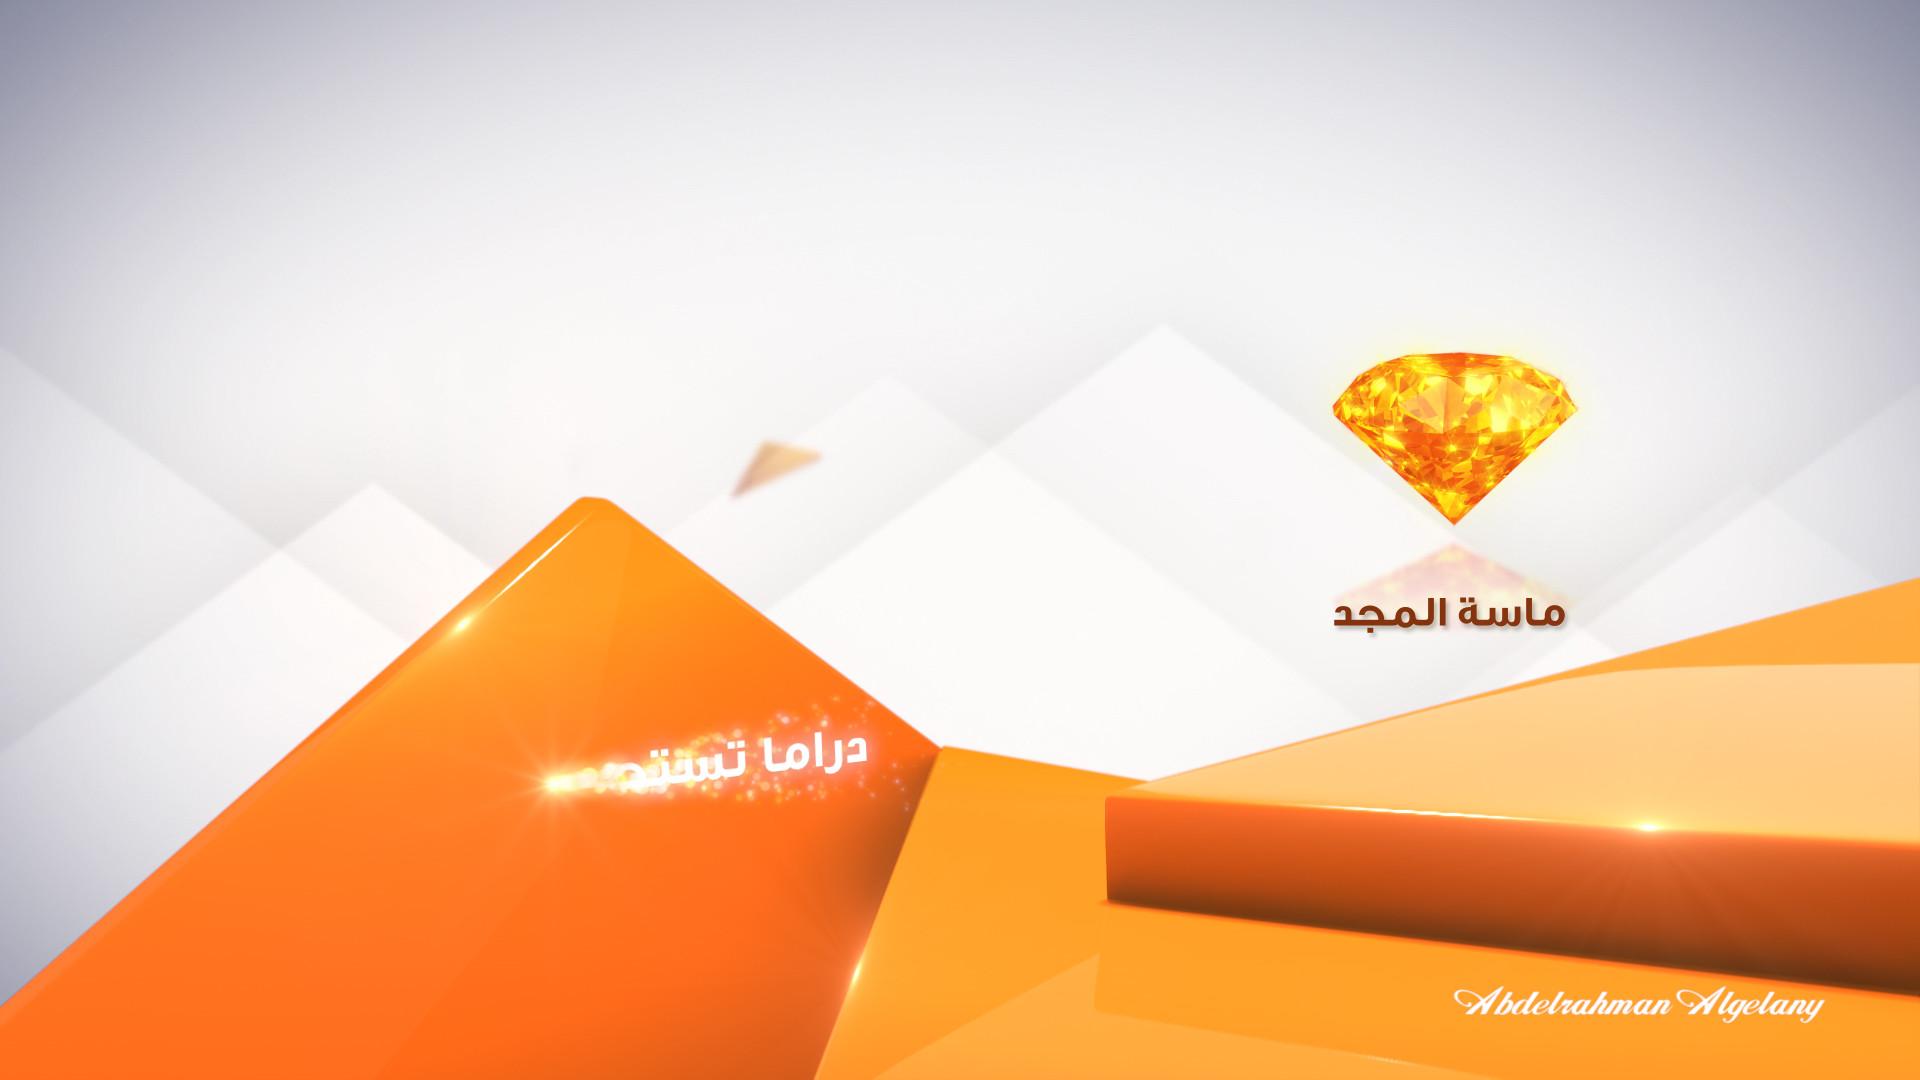 ArtStation - Masat Al-Majd TV Channel - Channel Break - 01